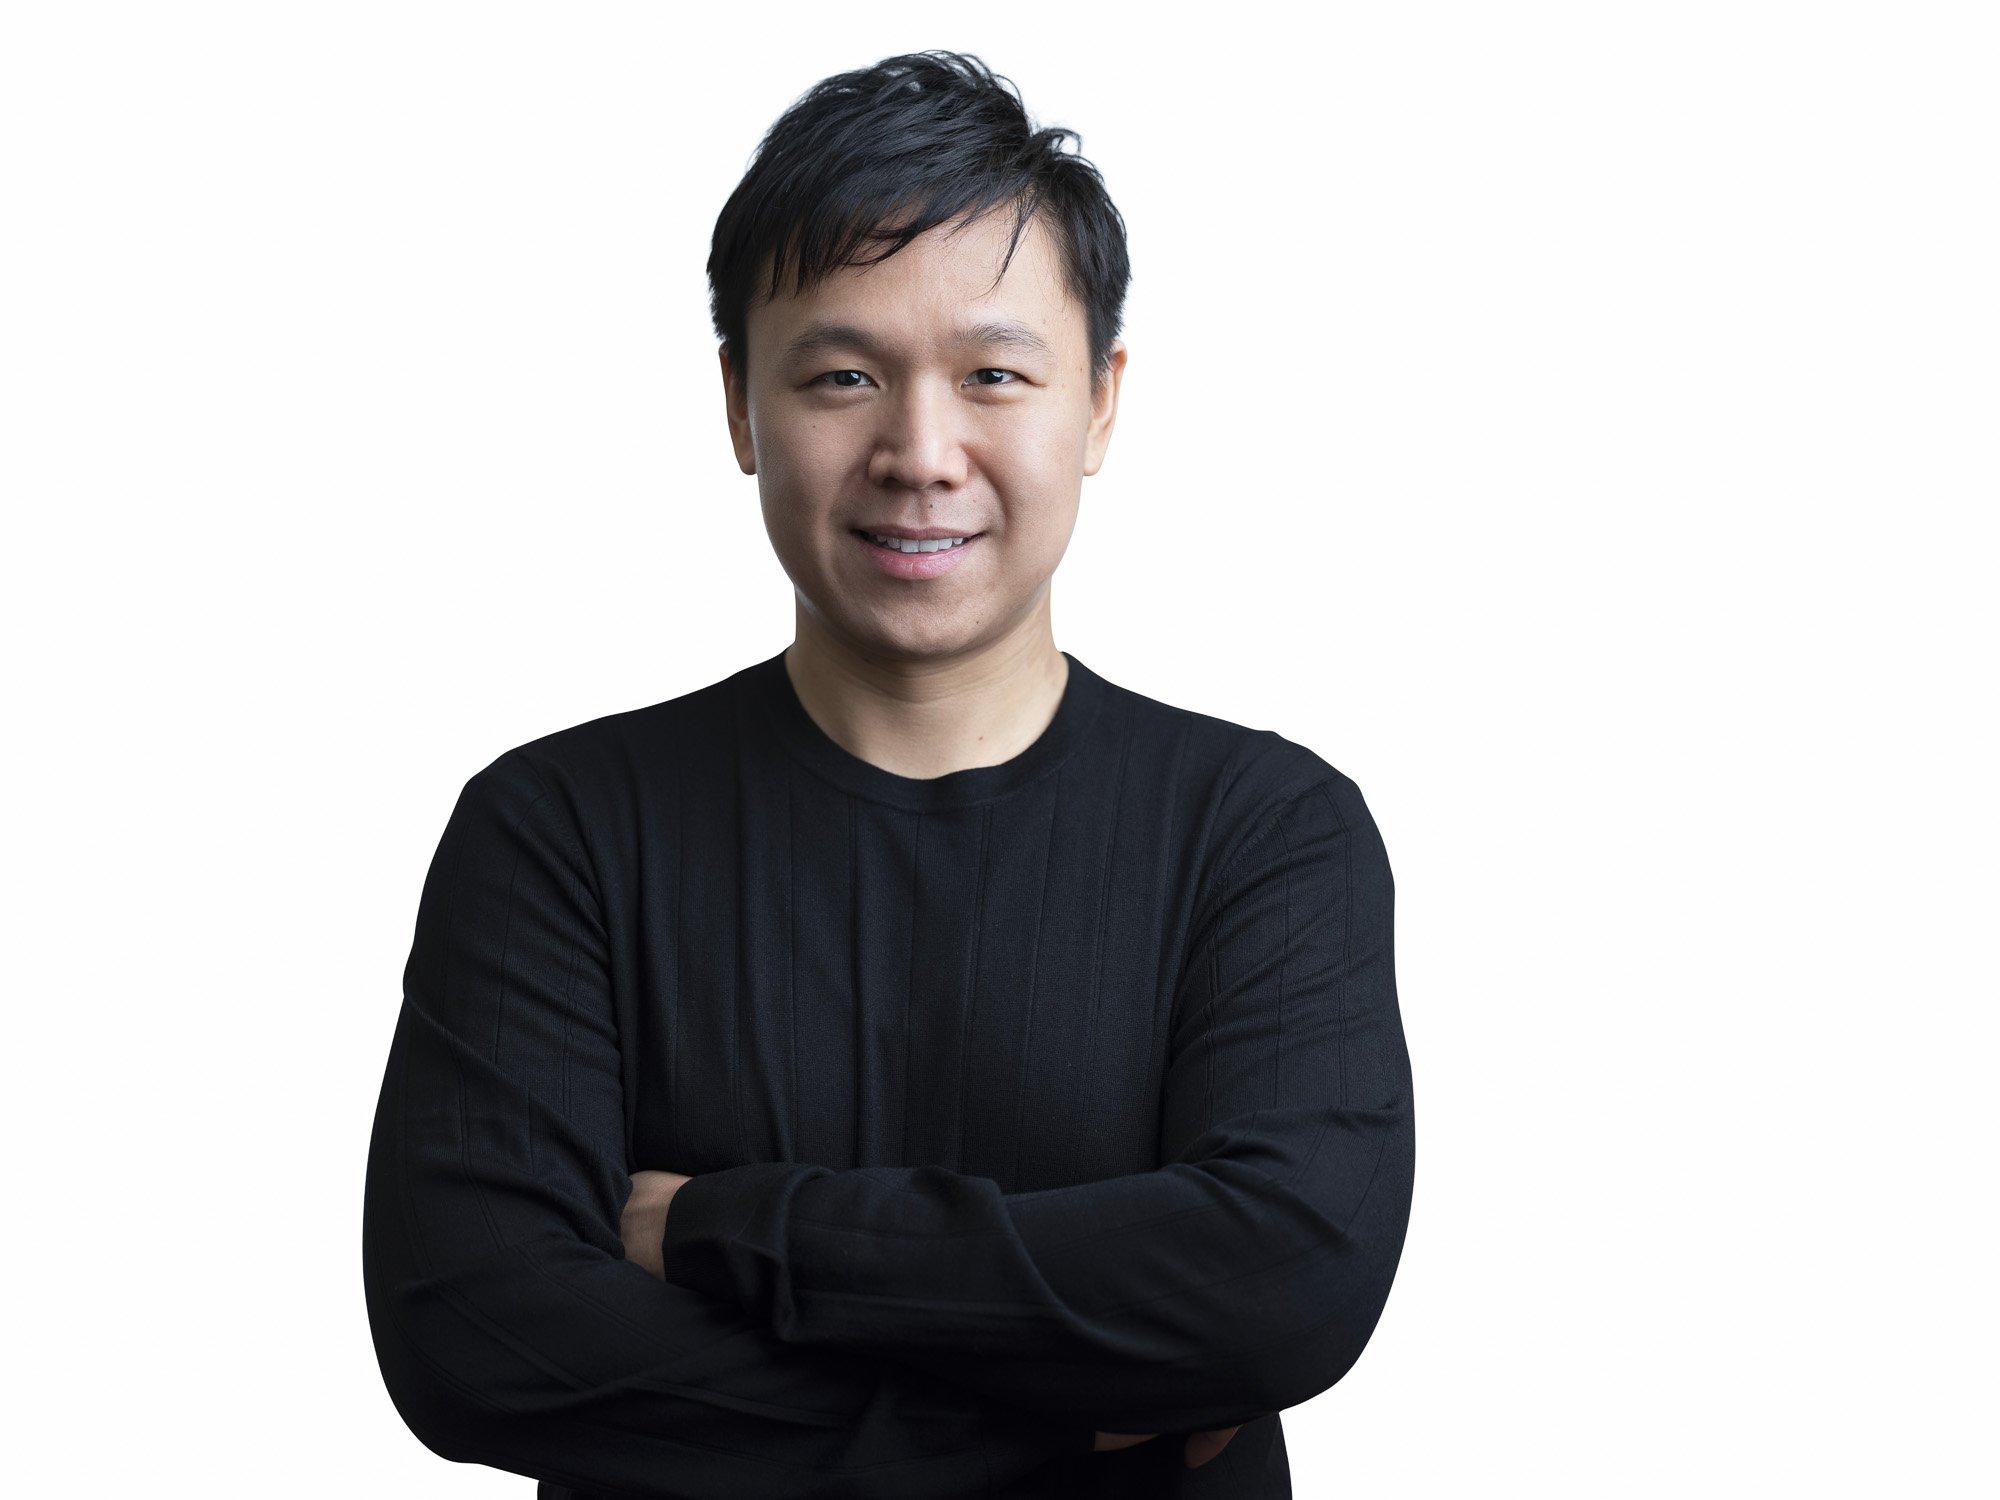 Headshot Photography White Background Portrait Photographer Singapore Jose Jeuland 1